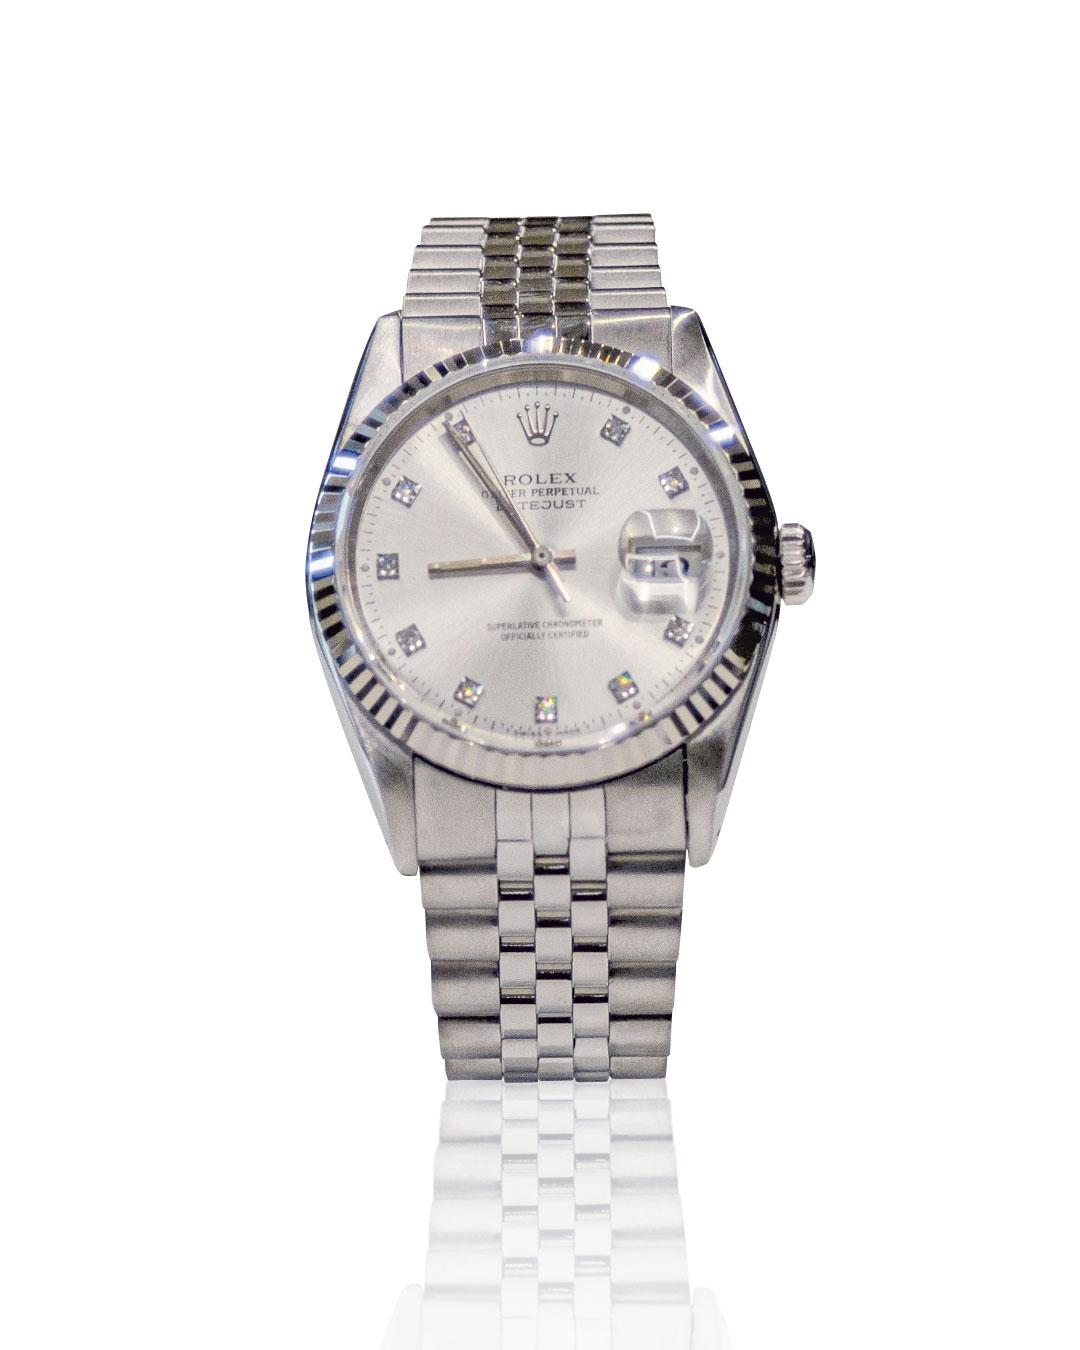 Rolex Datejust 31 usato, secondo polso